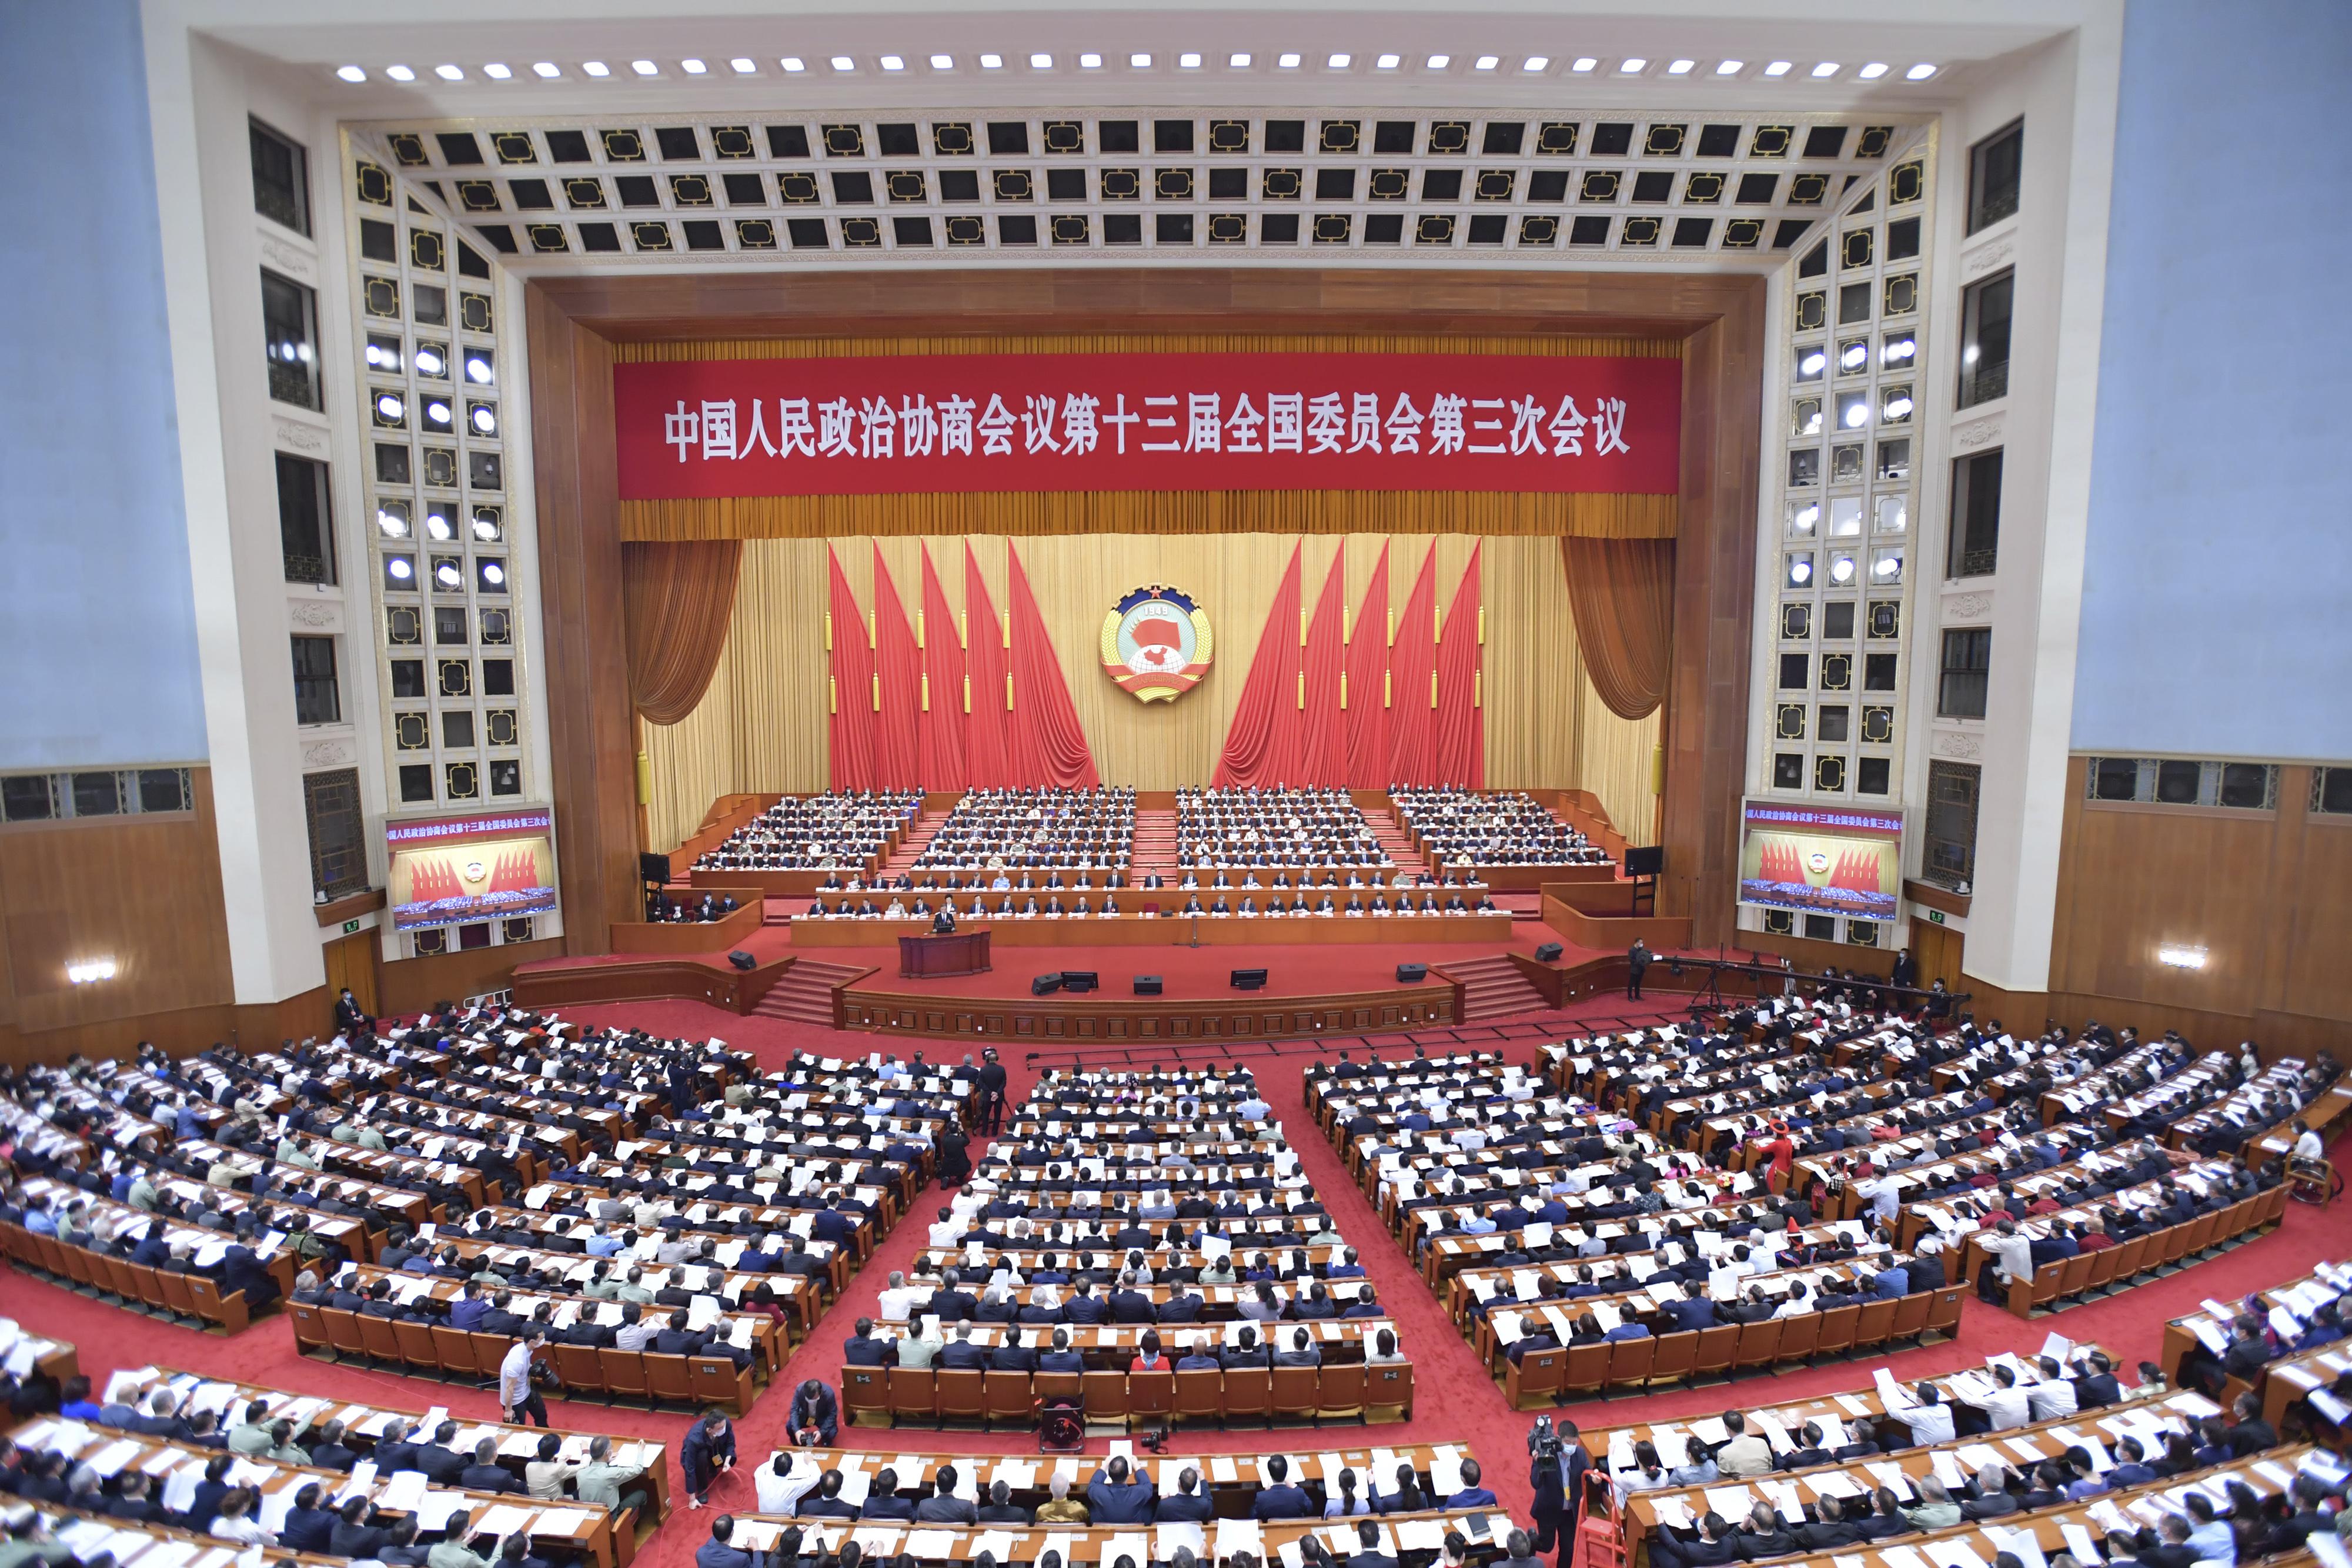 5月21日,中国人民政治协商会议第十三届全国委员会第三次会议在北京人民大会堂开幕。